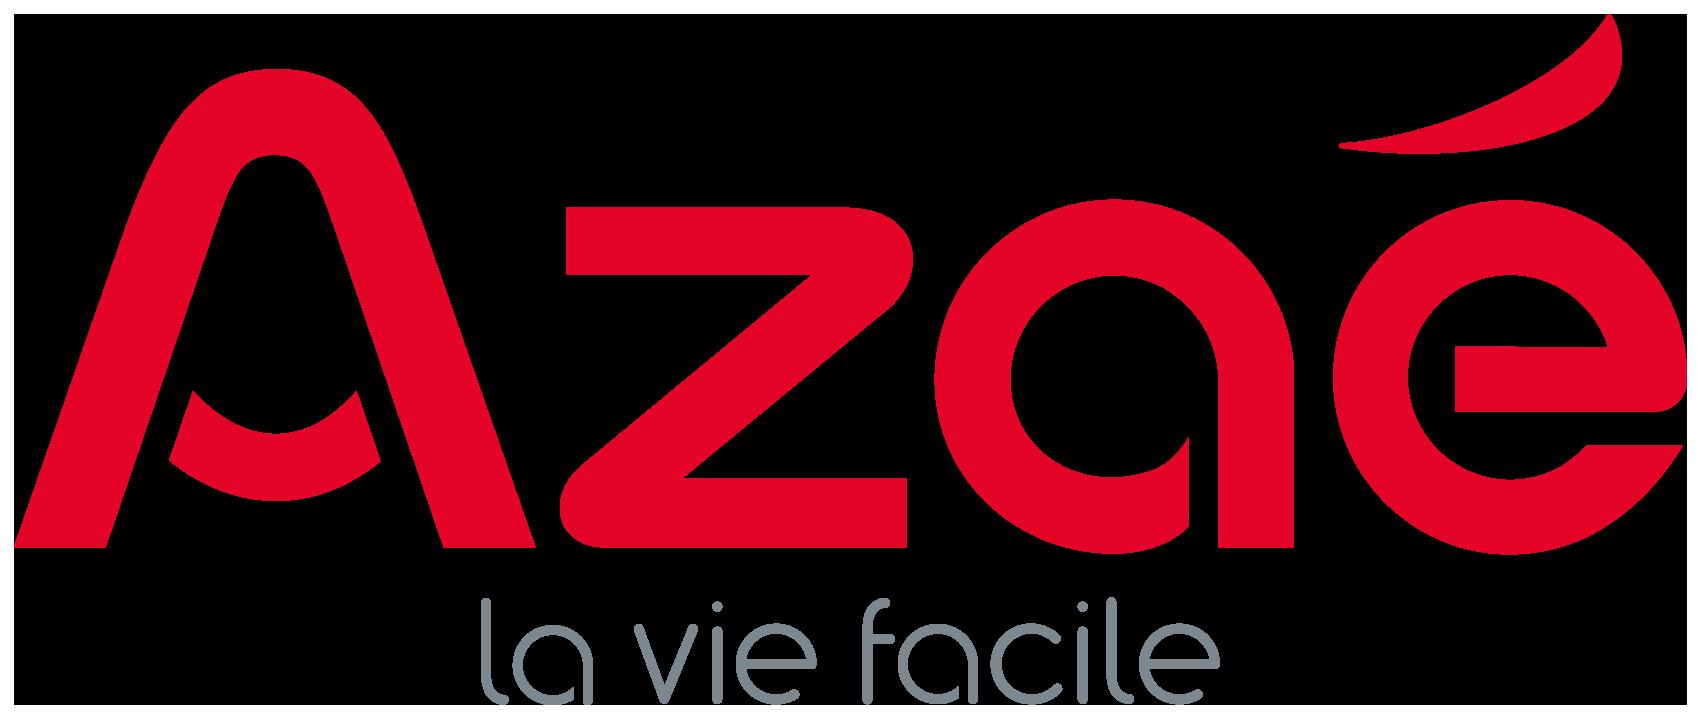 Azaé Montpellier Est - Aide à domicile et femme de ménage services, aide à domicile